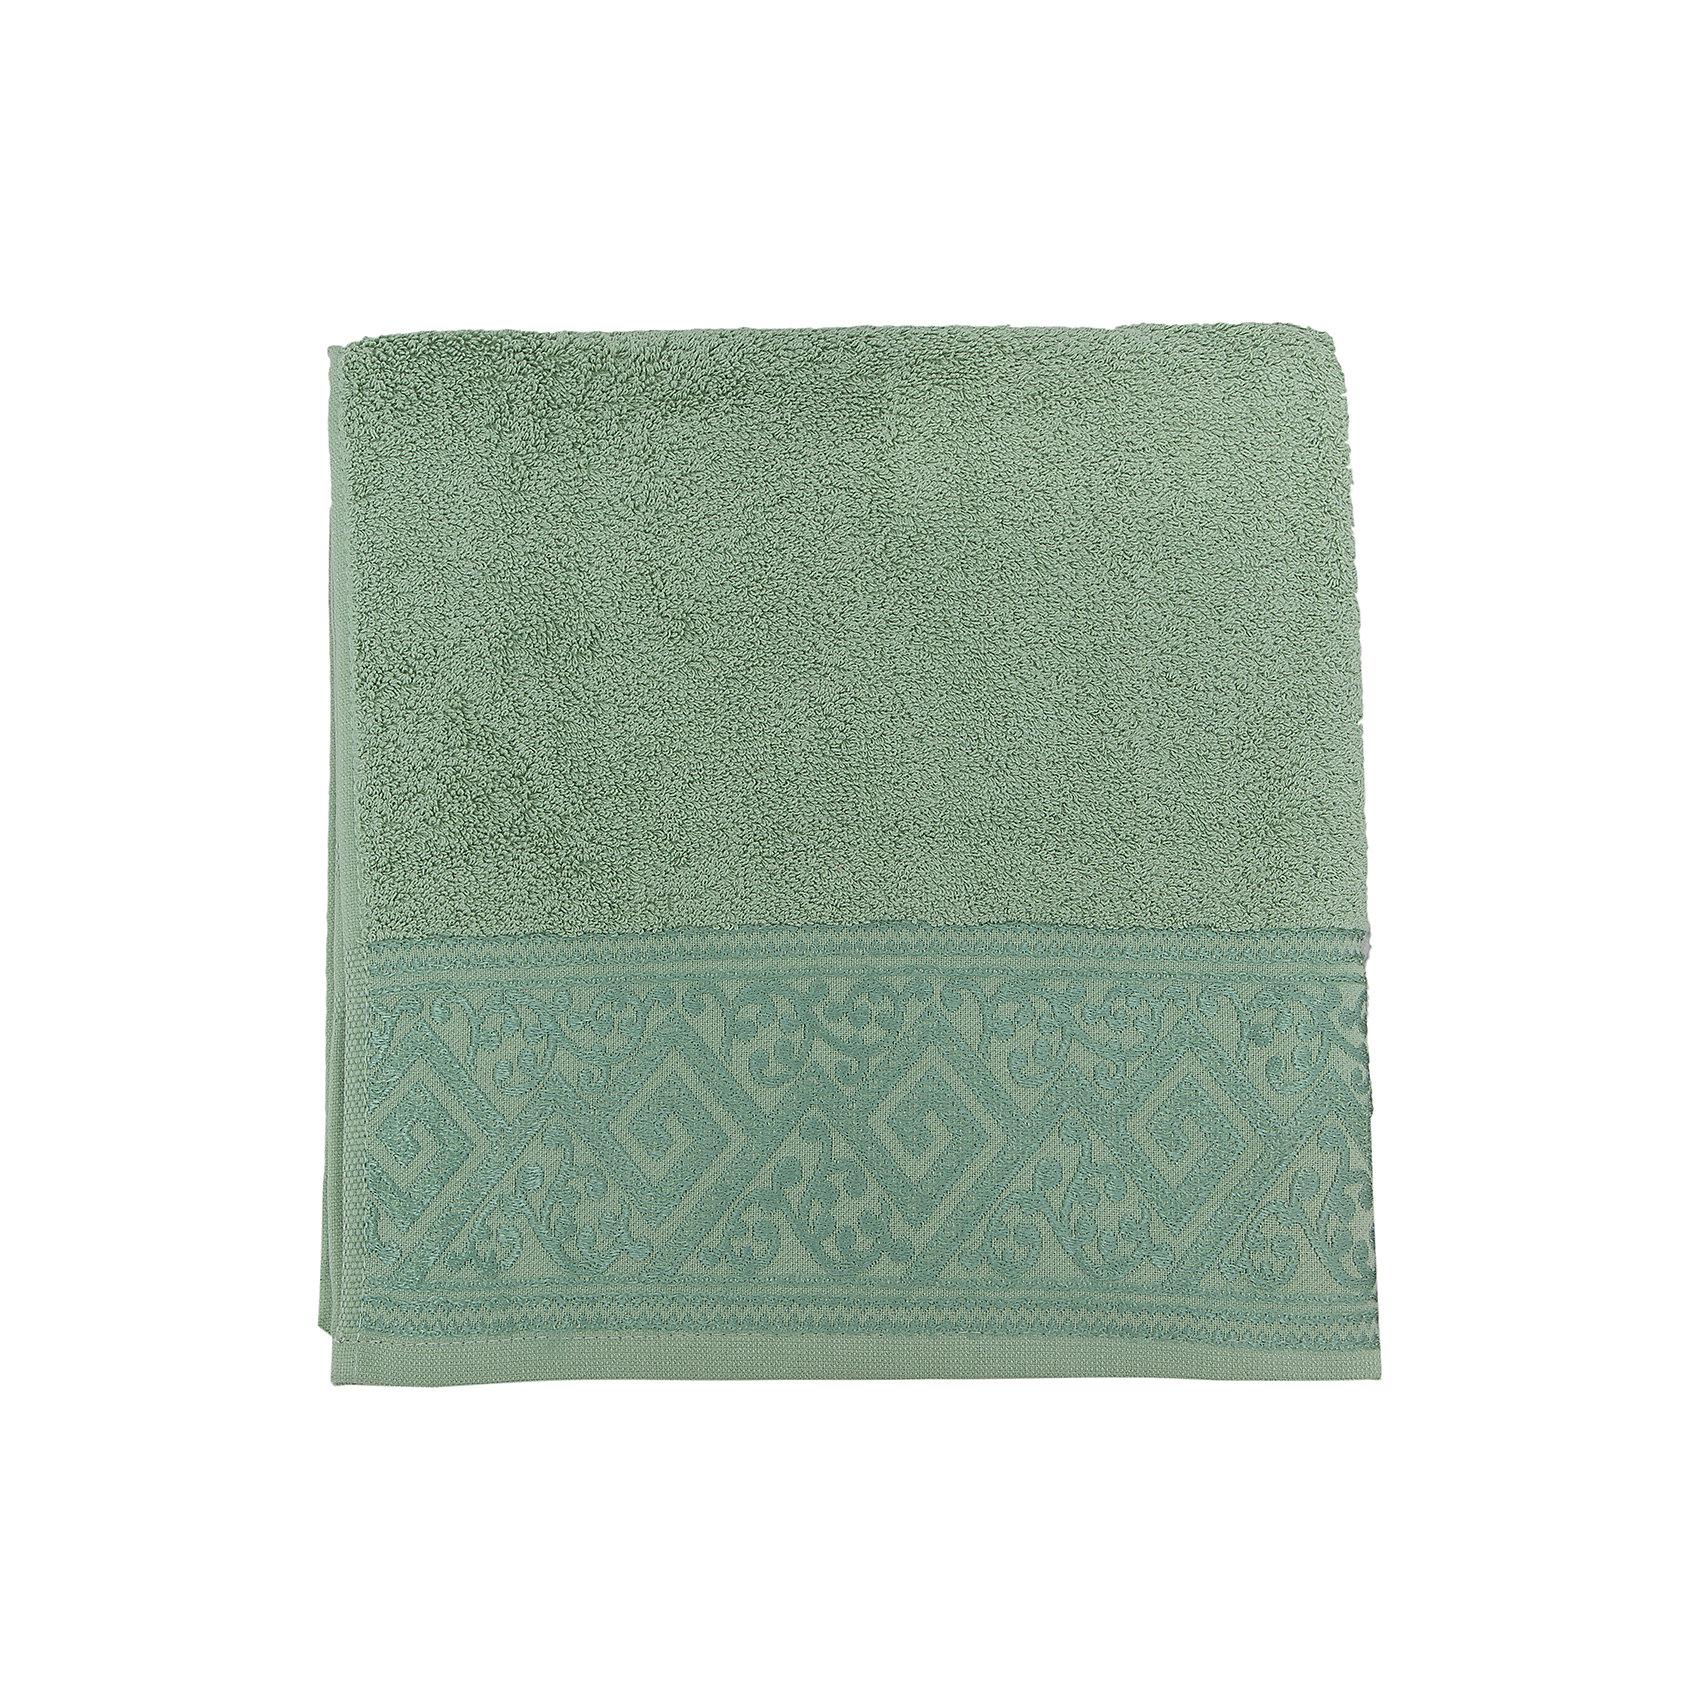 Полотенце махровое Majolica 70*140, Португалия, травяной P005Махровое полотенце Majolica изготовлено из натурального хлопка и соответствует всем требованиям качества. Оно сохранит цвет даже после многих стирок, подарит мягкость и замечательно впитает воду. Полотенце украшено необычным орнаментом по краю.<br><br>Дополнительная информация:<br>Материал: 100% хлопок<br>Плотность: 500 г/м2<br>Размер: 70х140 см<br>Цвет: травяной<br>Торговая марка: Португалия<br><br>Вы можете купить махровое полотенце Majolica в нашем интернет-магазине.<br><br>Ширина мм: 500<br>Глубина мм: 500<br>Высота мм: 200<br>Вес г: 400<br>Возраст от месяцев: 0<br>Возраст до месяцев: 144<br>Пол: Унисекс<br>Возраст: Детский<br>SKU: 5010982